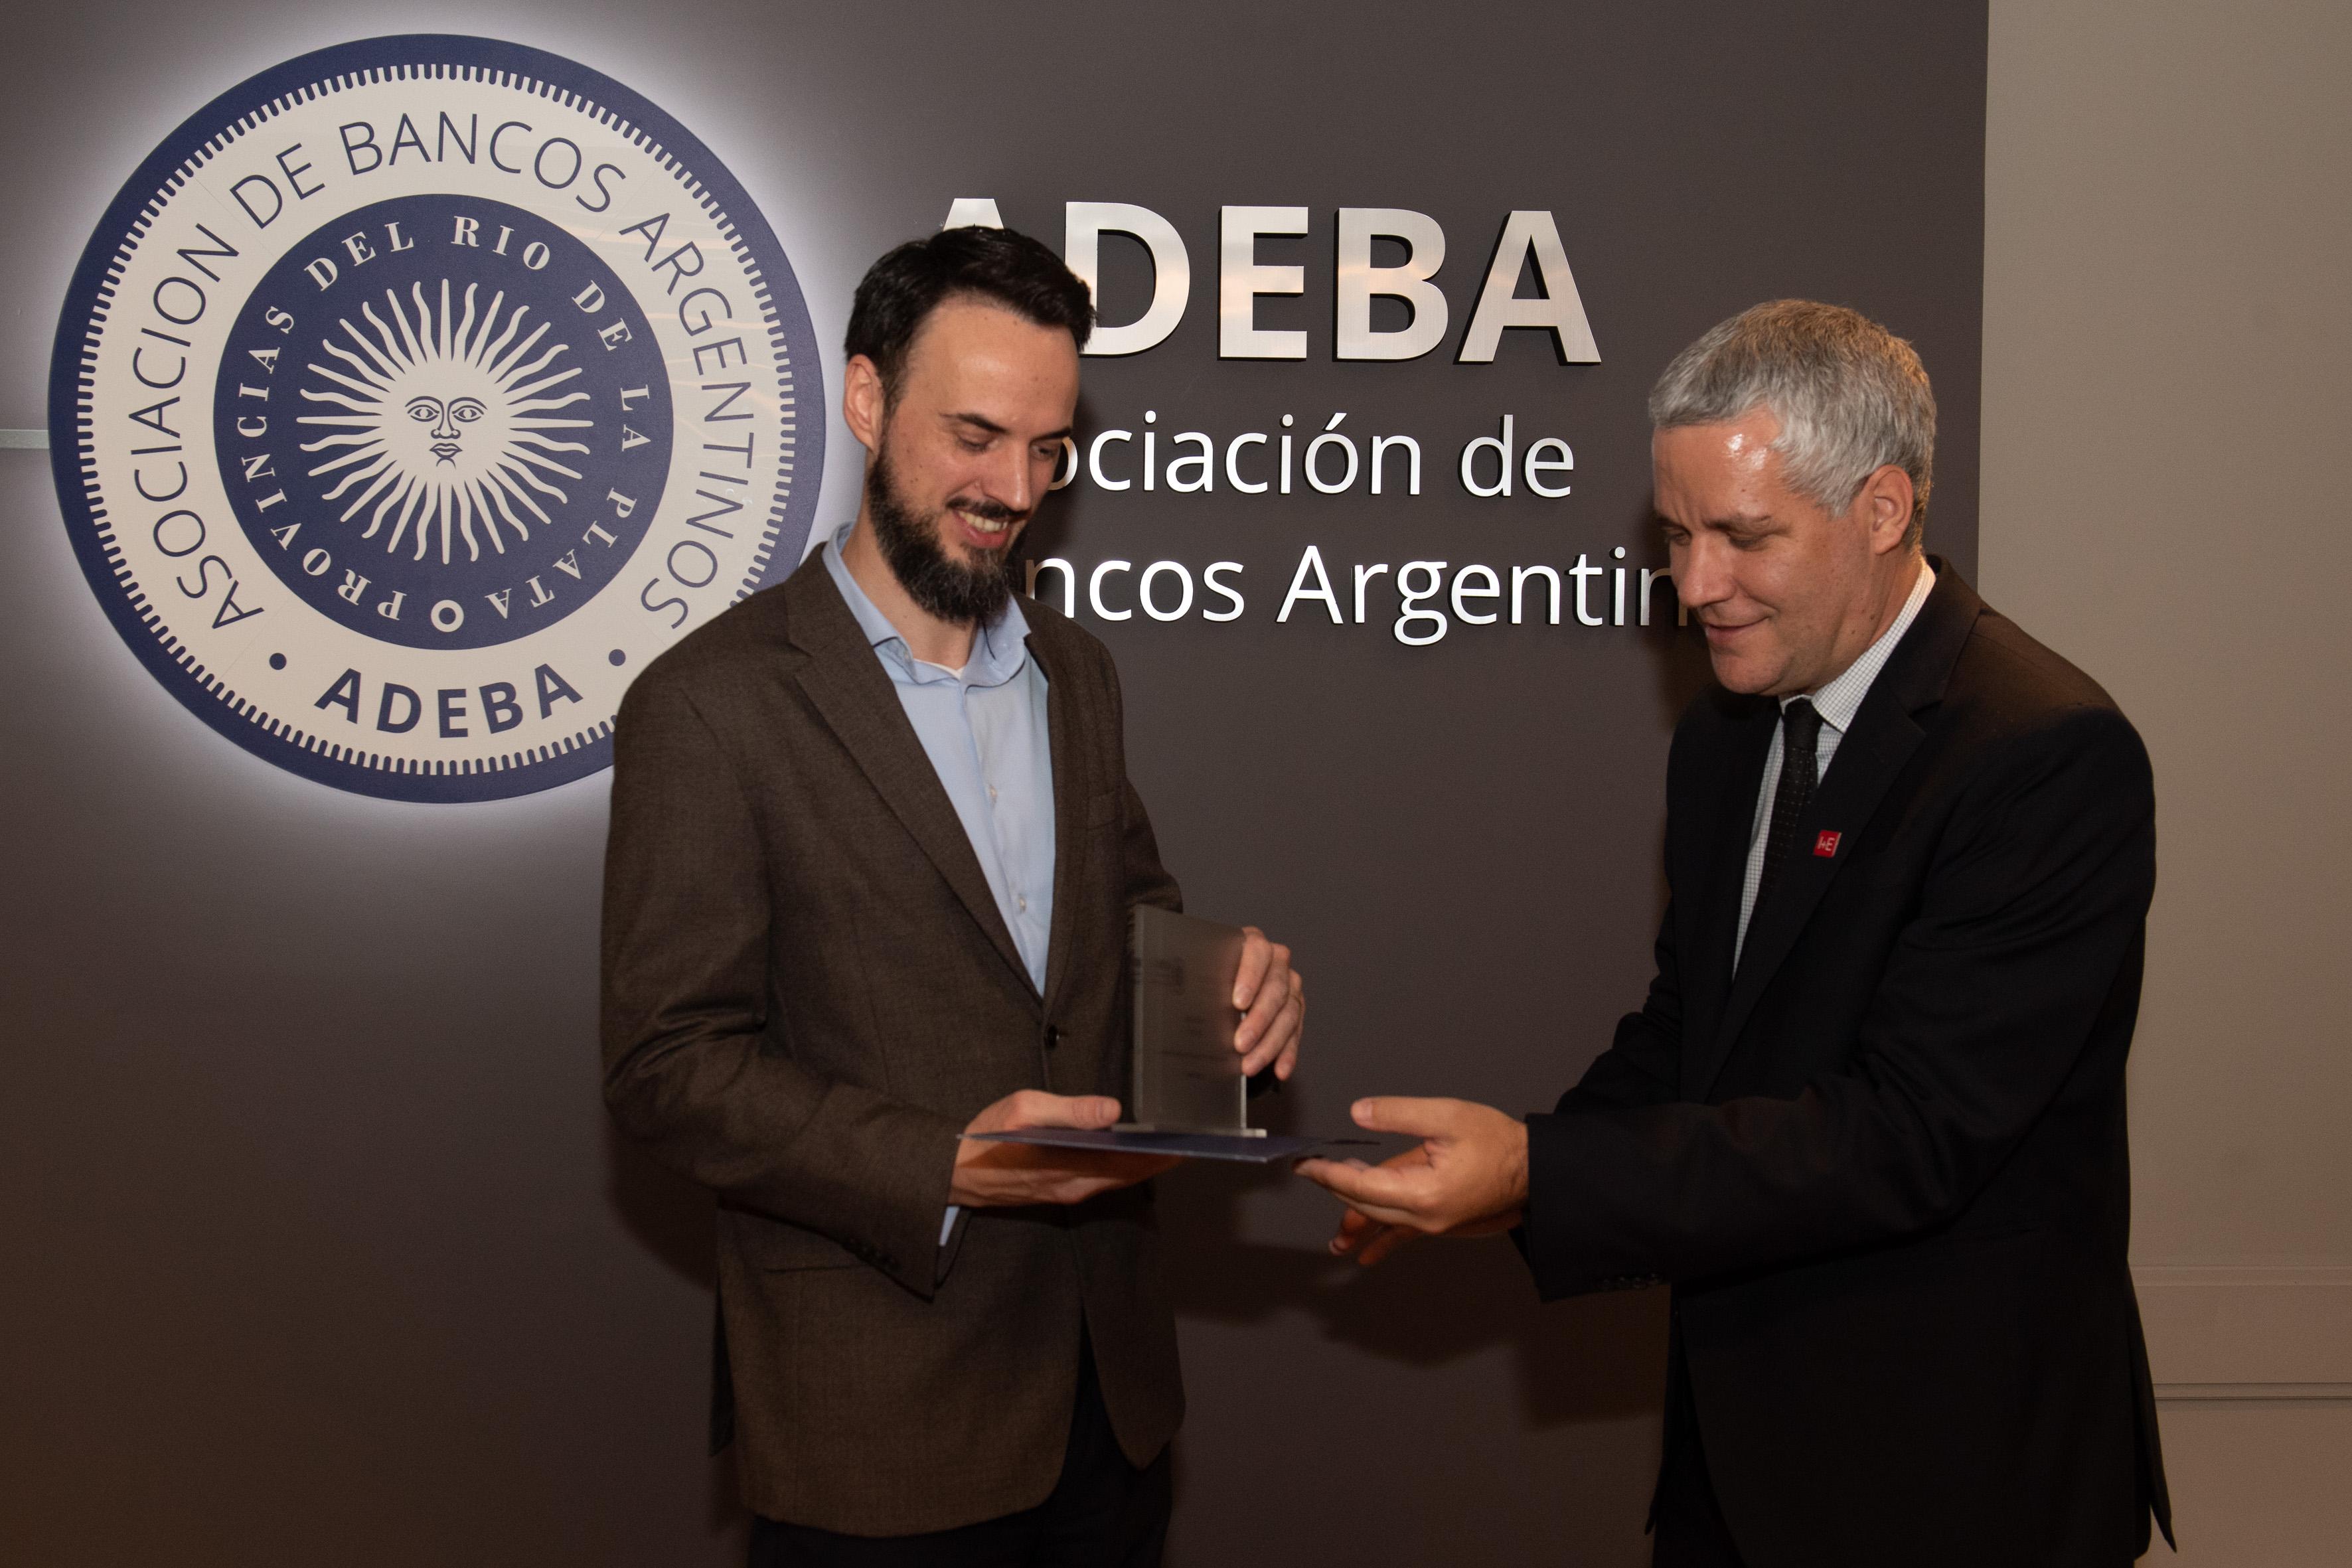 Emiliano Delfau, del segundo lugar del Premio ADEBA recibe uno de los premios por parte de Lucas Pussetto, director académico del I+E